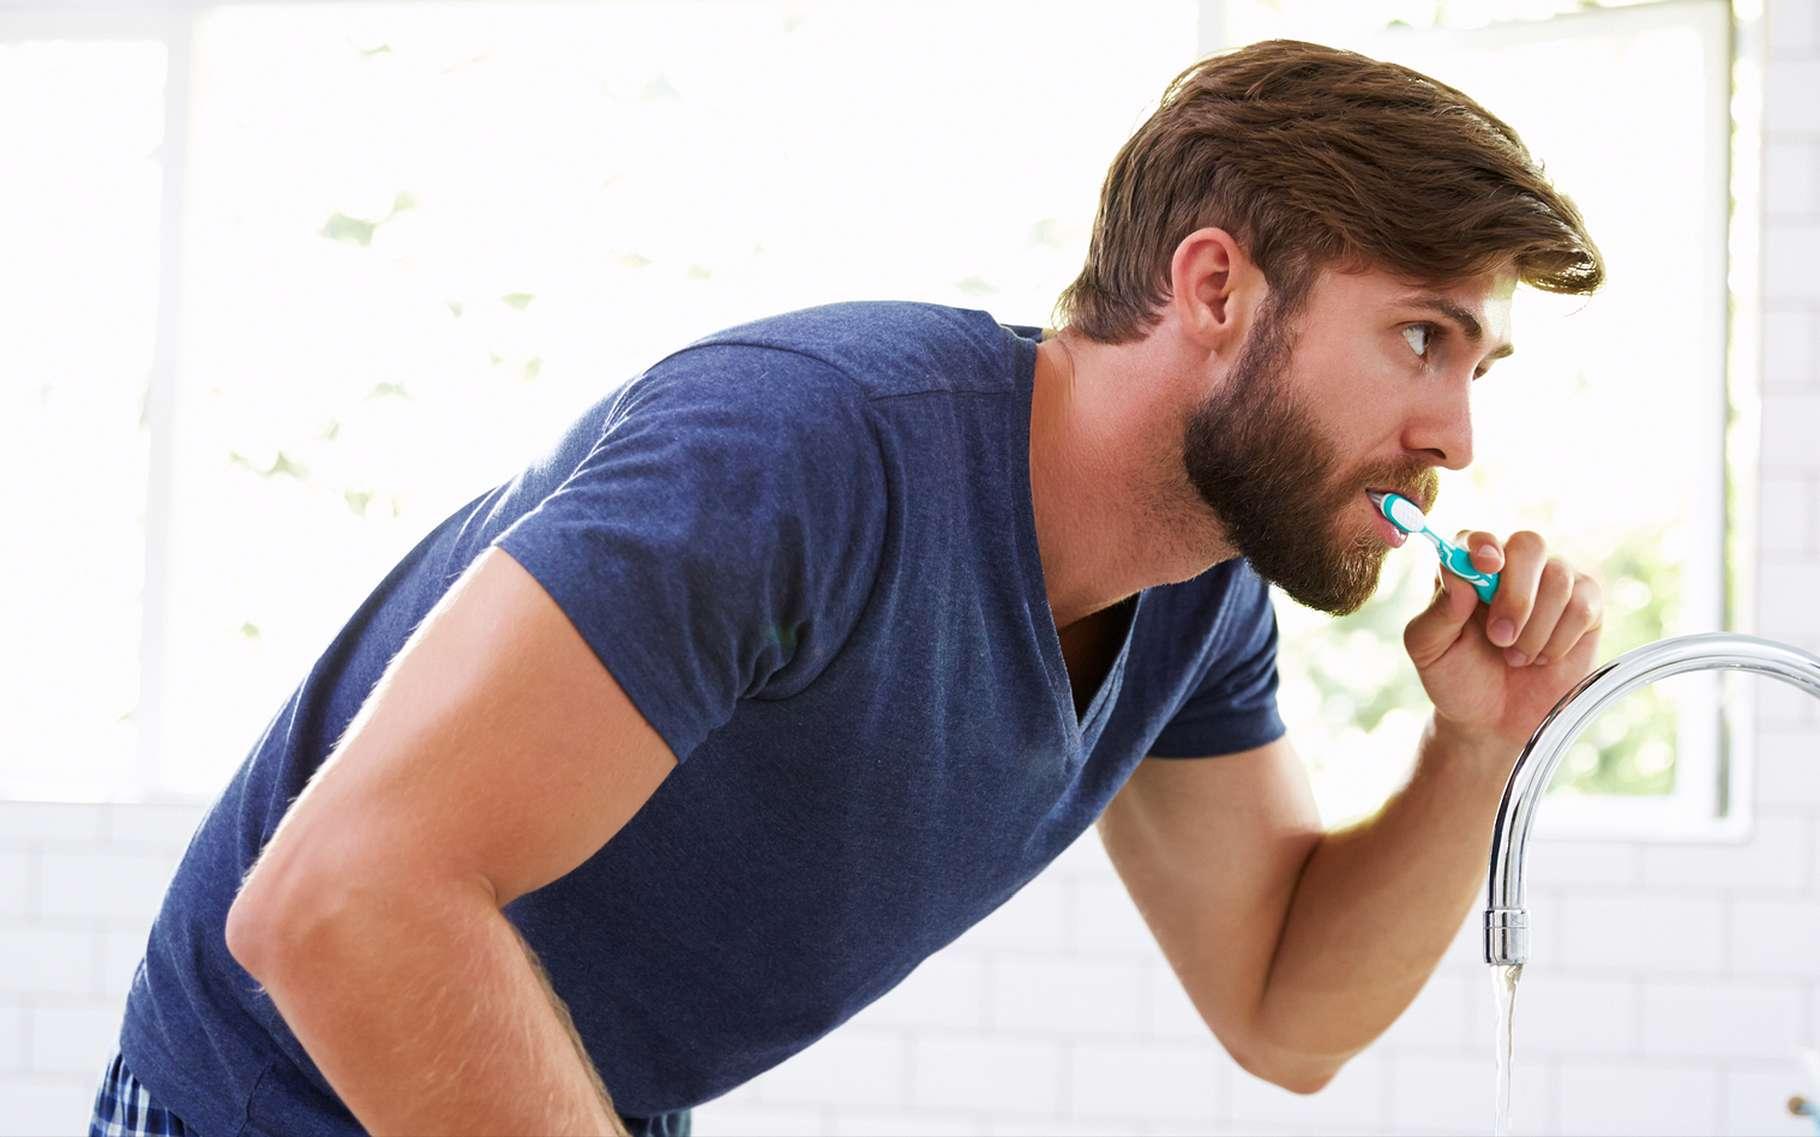 L'hygiène bucco-dentaire reste la meilleure prévention contre l'halitose, ou mauvaise haleine. © Monkey Business Images, Shutterstock